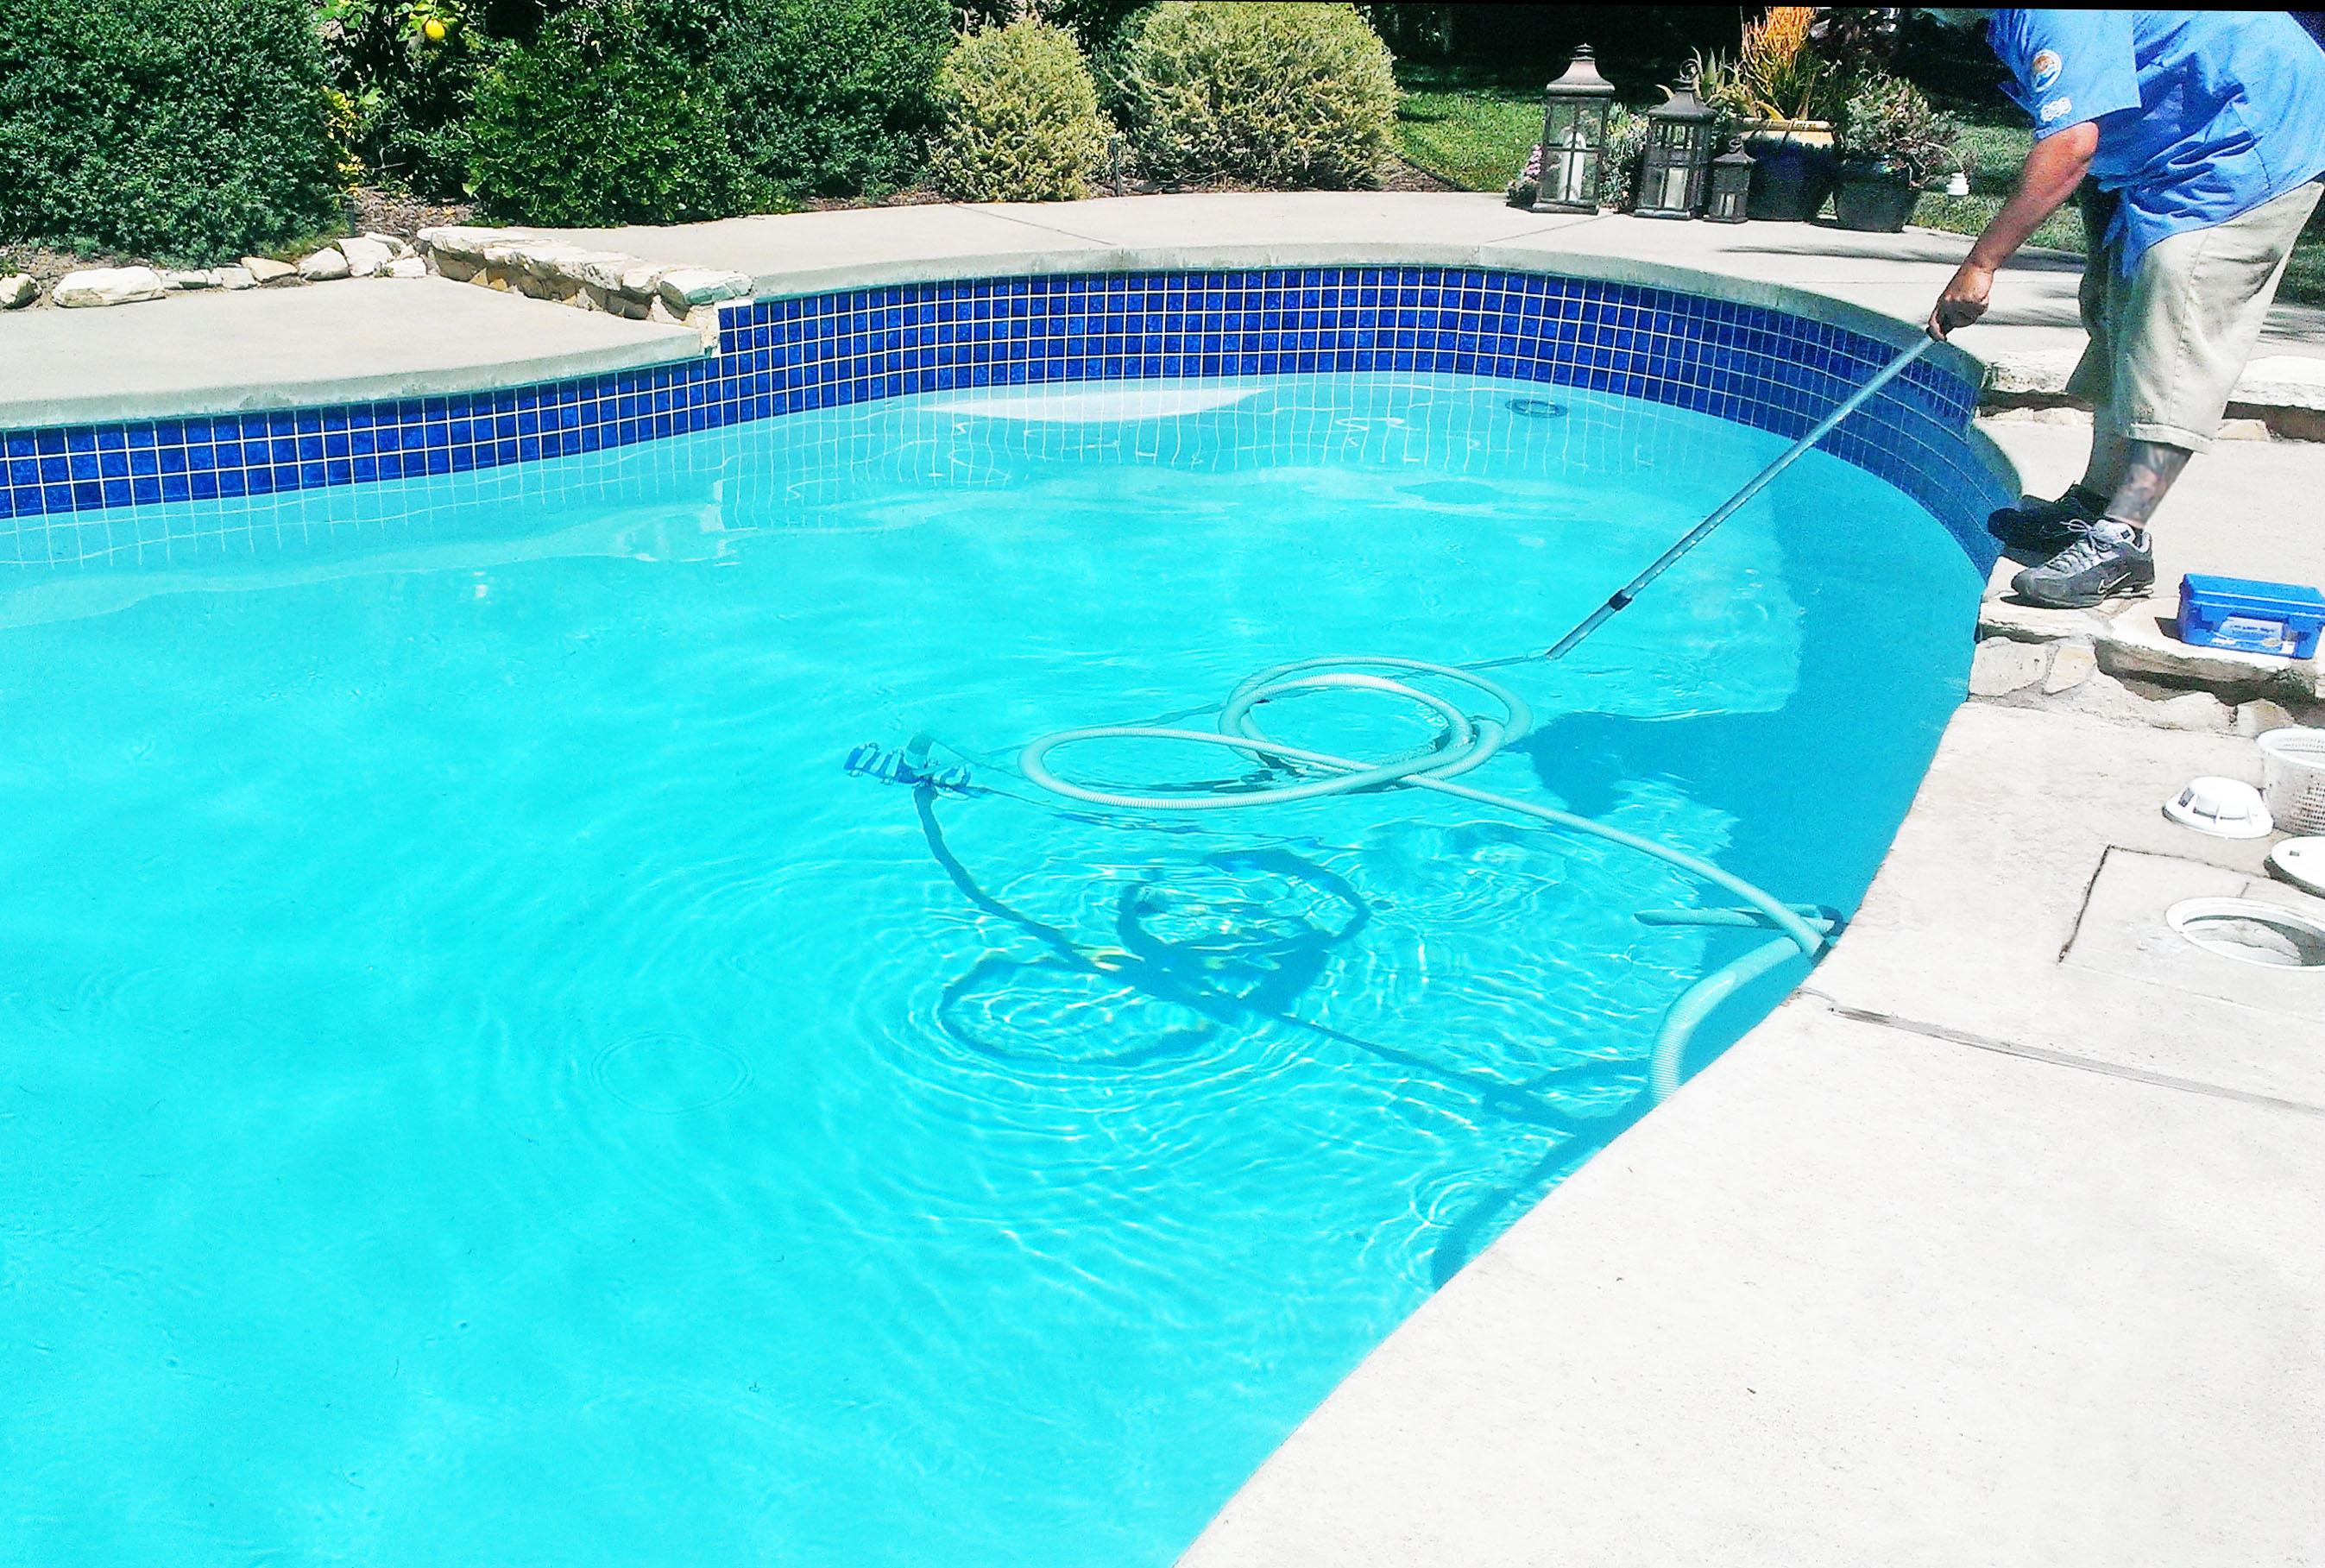 Hook up pool vakuum til skimmer